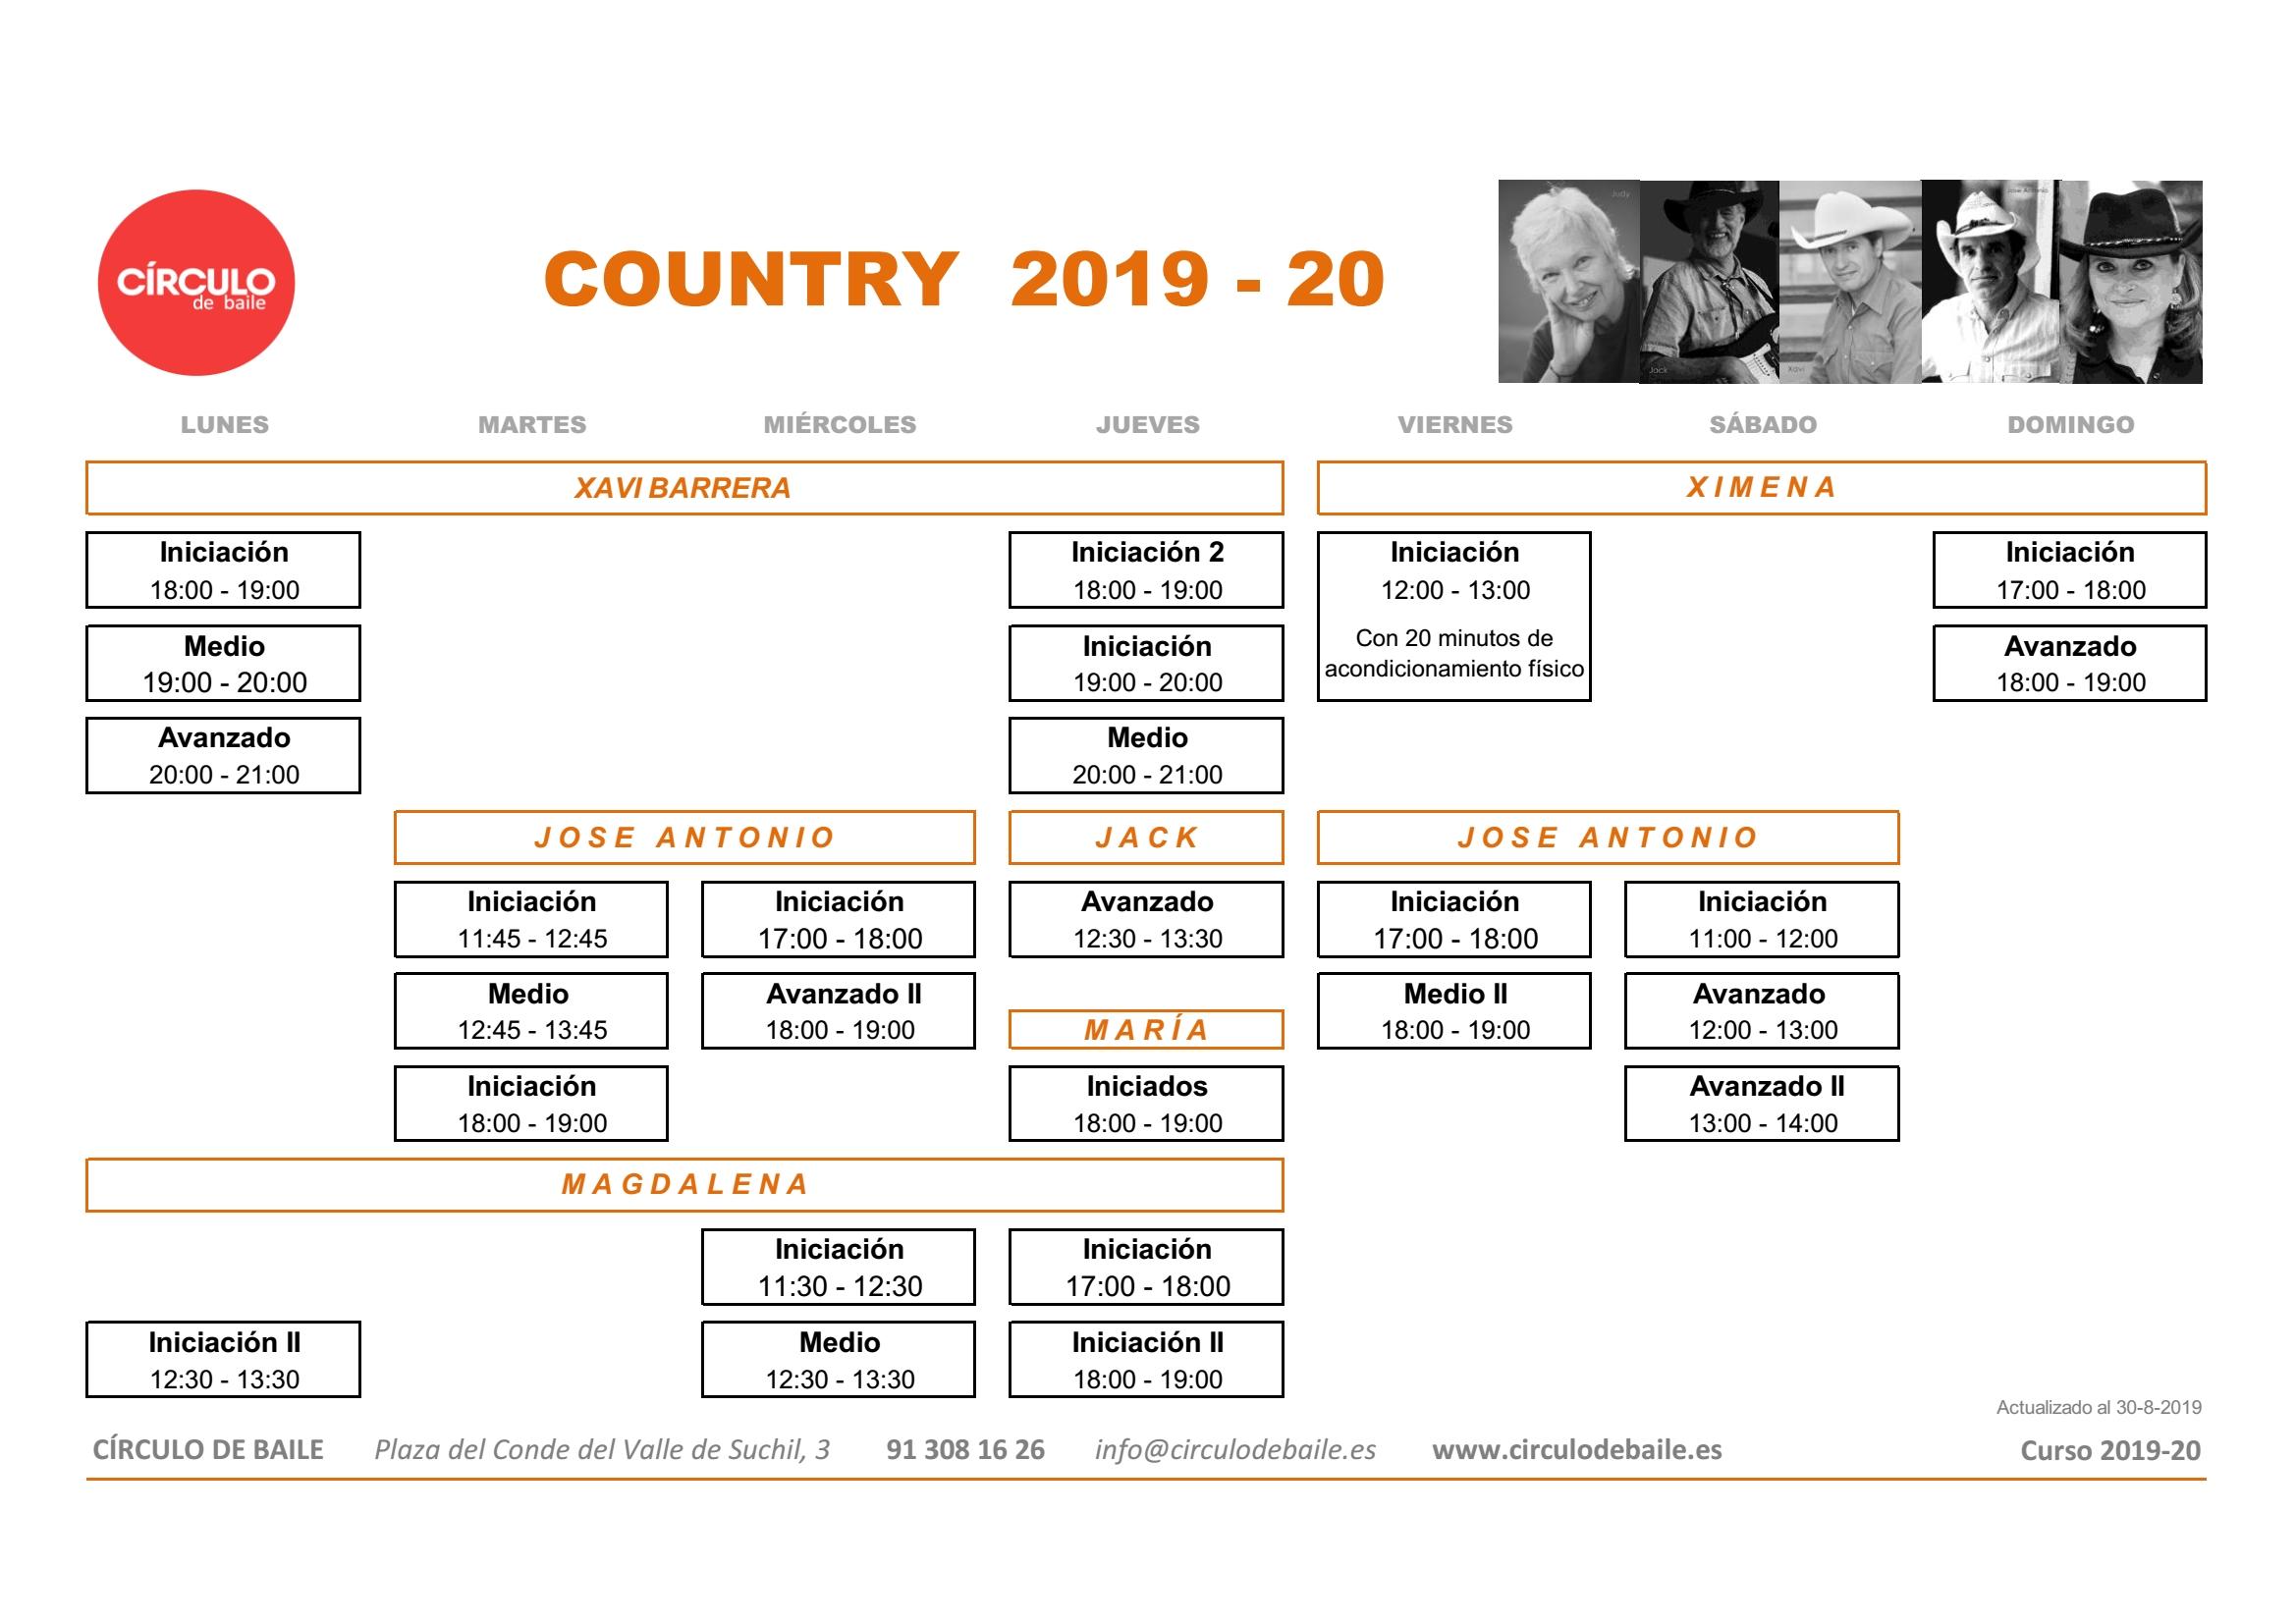 CIRCULO DE BAILE CURSO 2019-2020